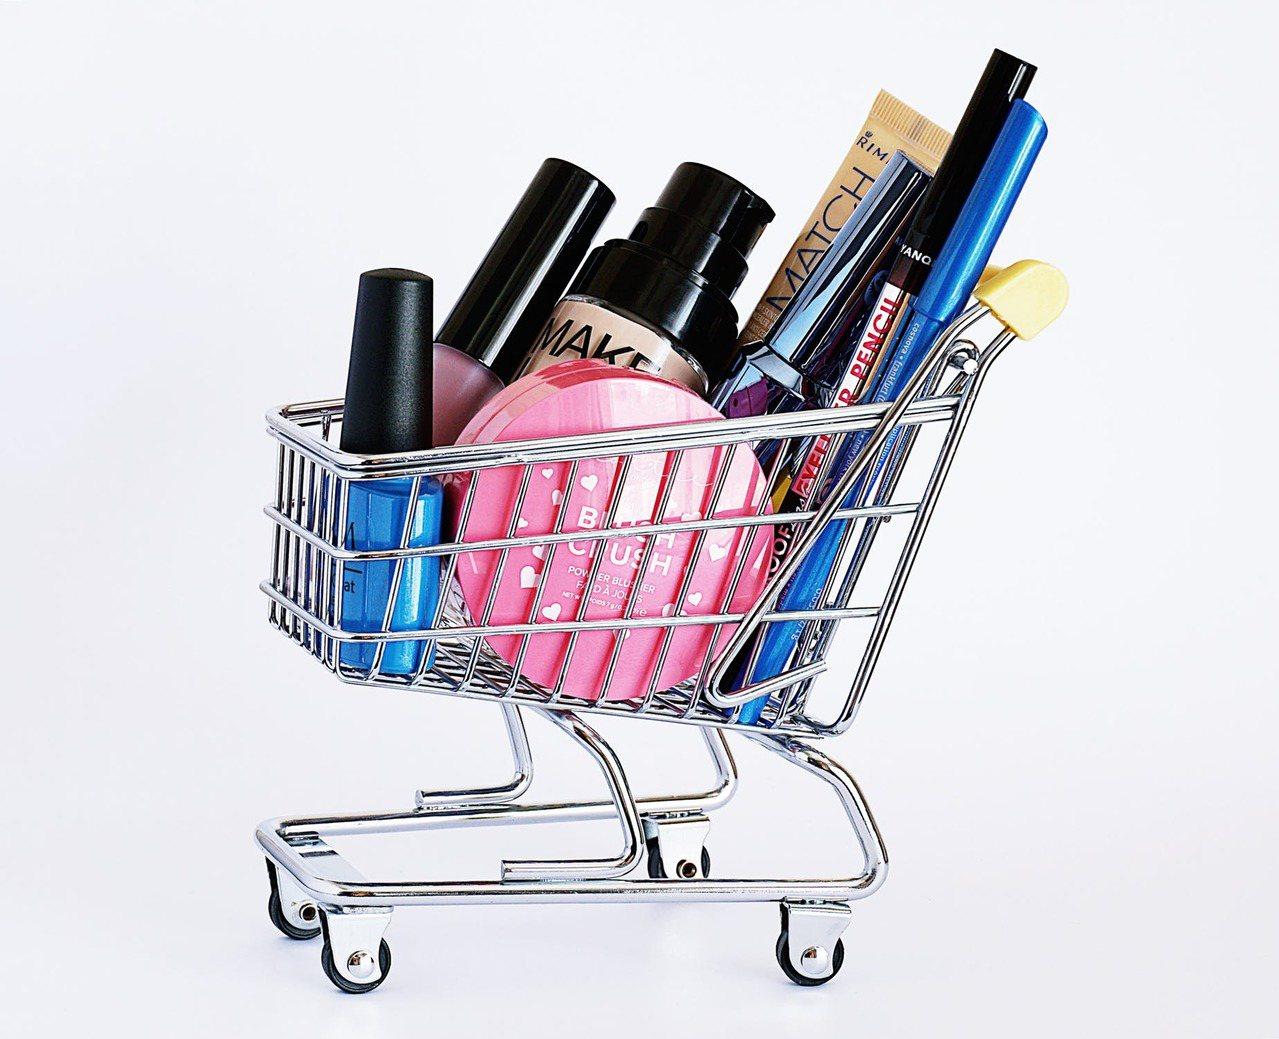 在瘋狂購物時,難免就會一失手,買了一堆保養品,最後卻過期了。圖/摘自pexels